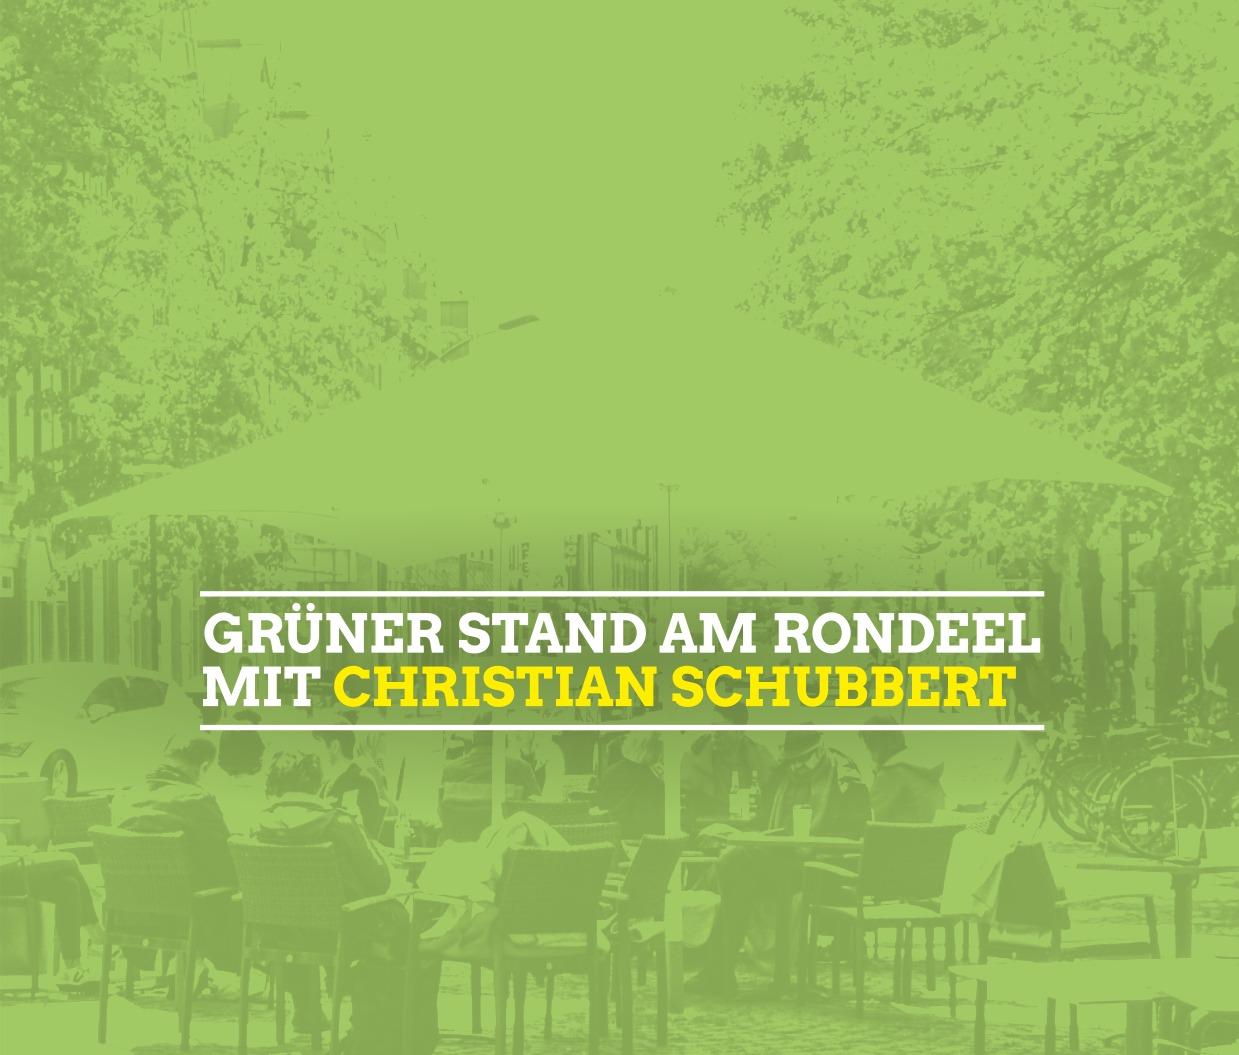 Bürgermeisterkandidat Christian Schubbert beim Stand der Grünen auf dem Rondeel